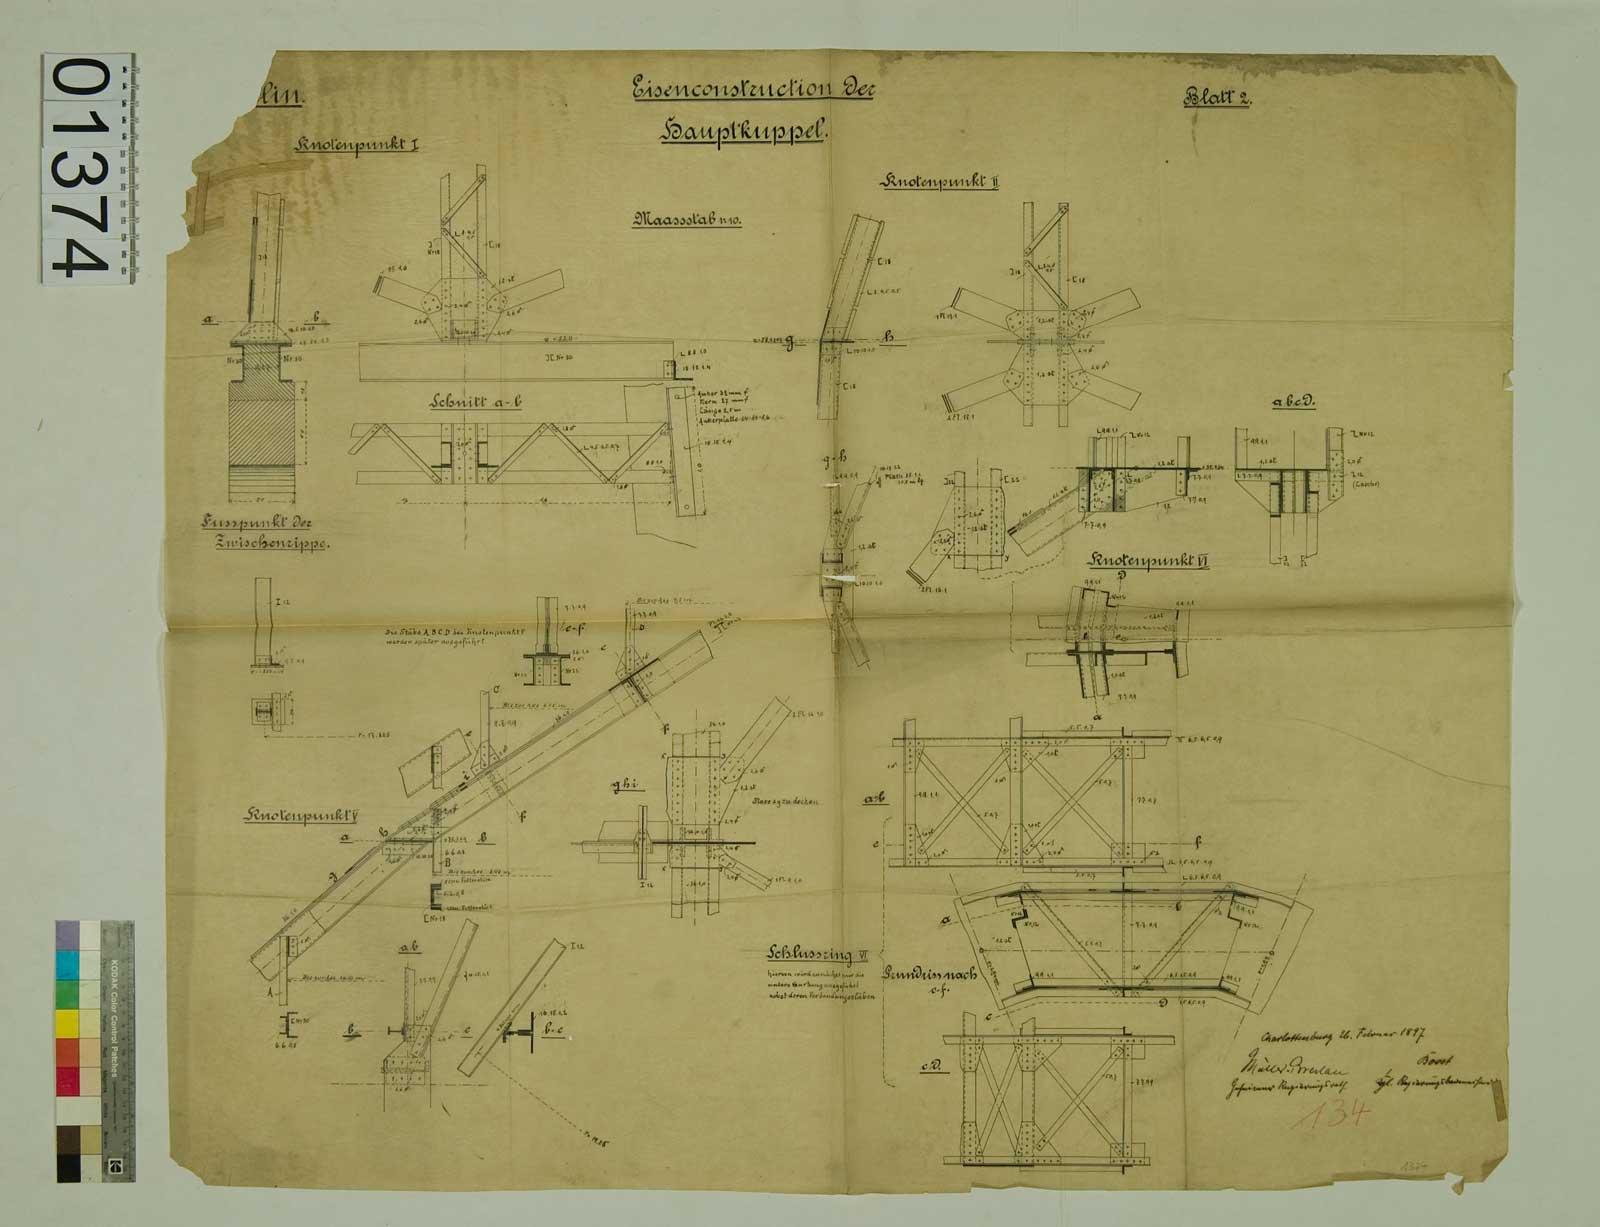 Blatt 1374: Dom zu Berlin, Eisenkonstruktion der Hauptkuppel, 1897 (Foto: Domarchiv)